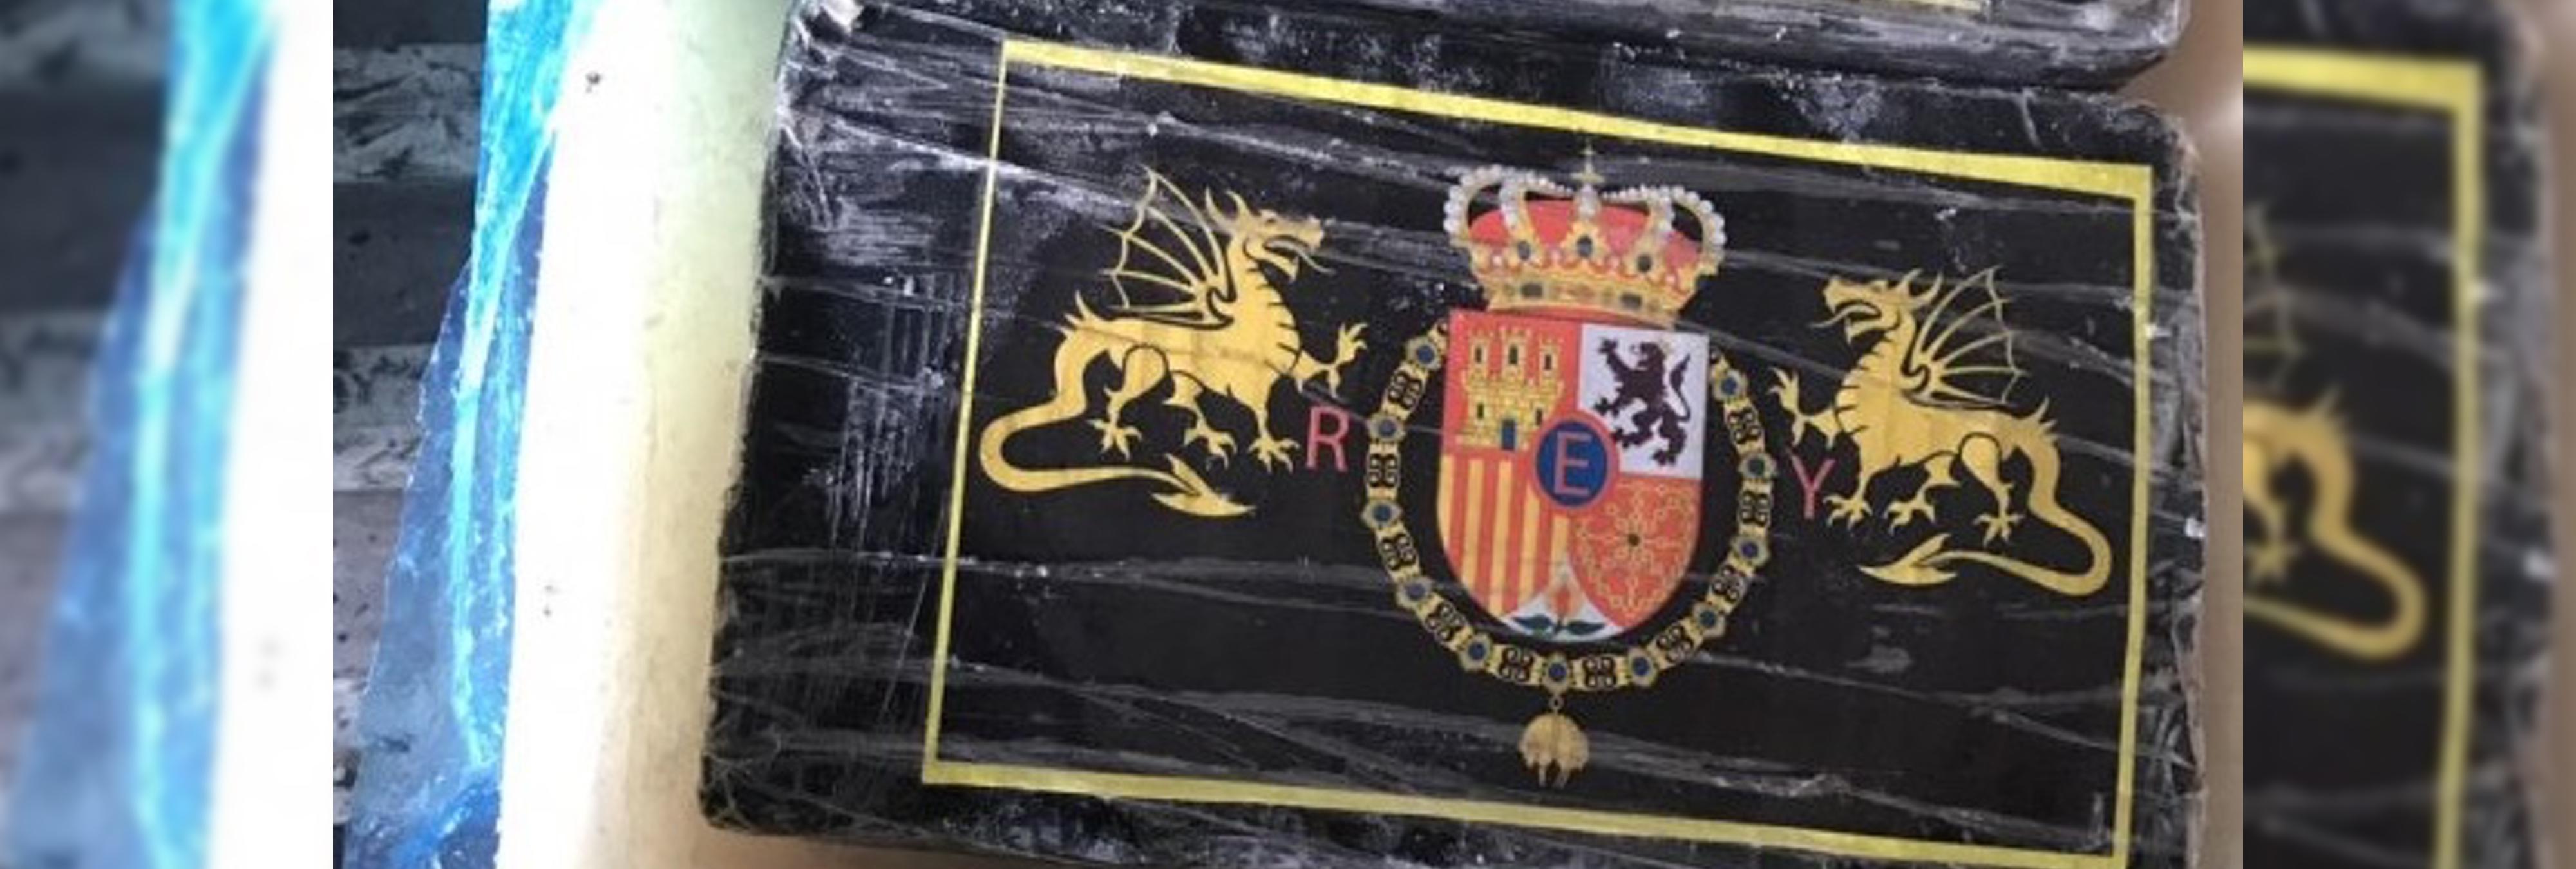 Llega la 'Farlopa Borbónica': un grupo de narcos sellan varios fardos con el emblema de Felipe VI